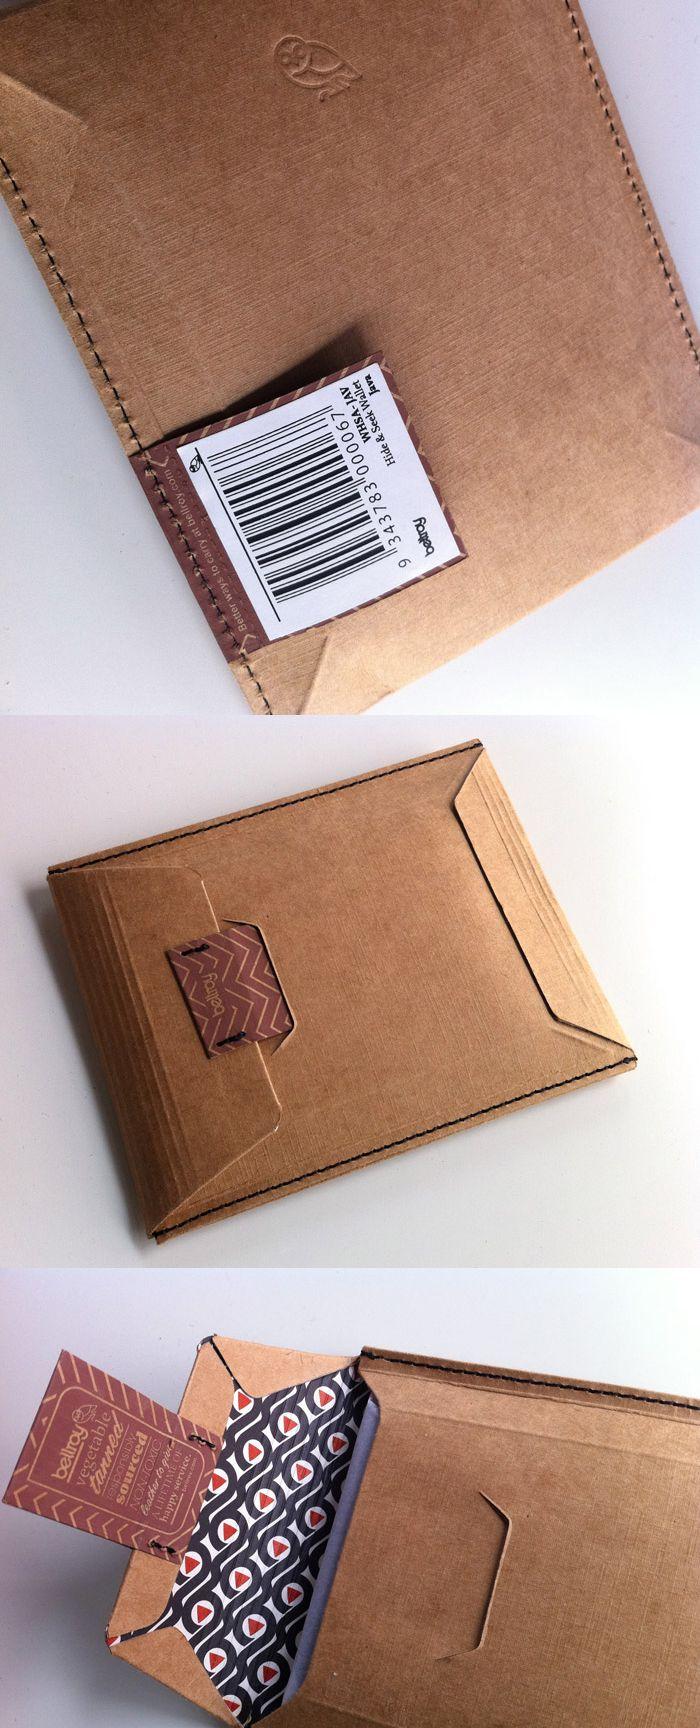 #logo #design #package #packaging